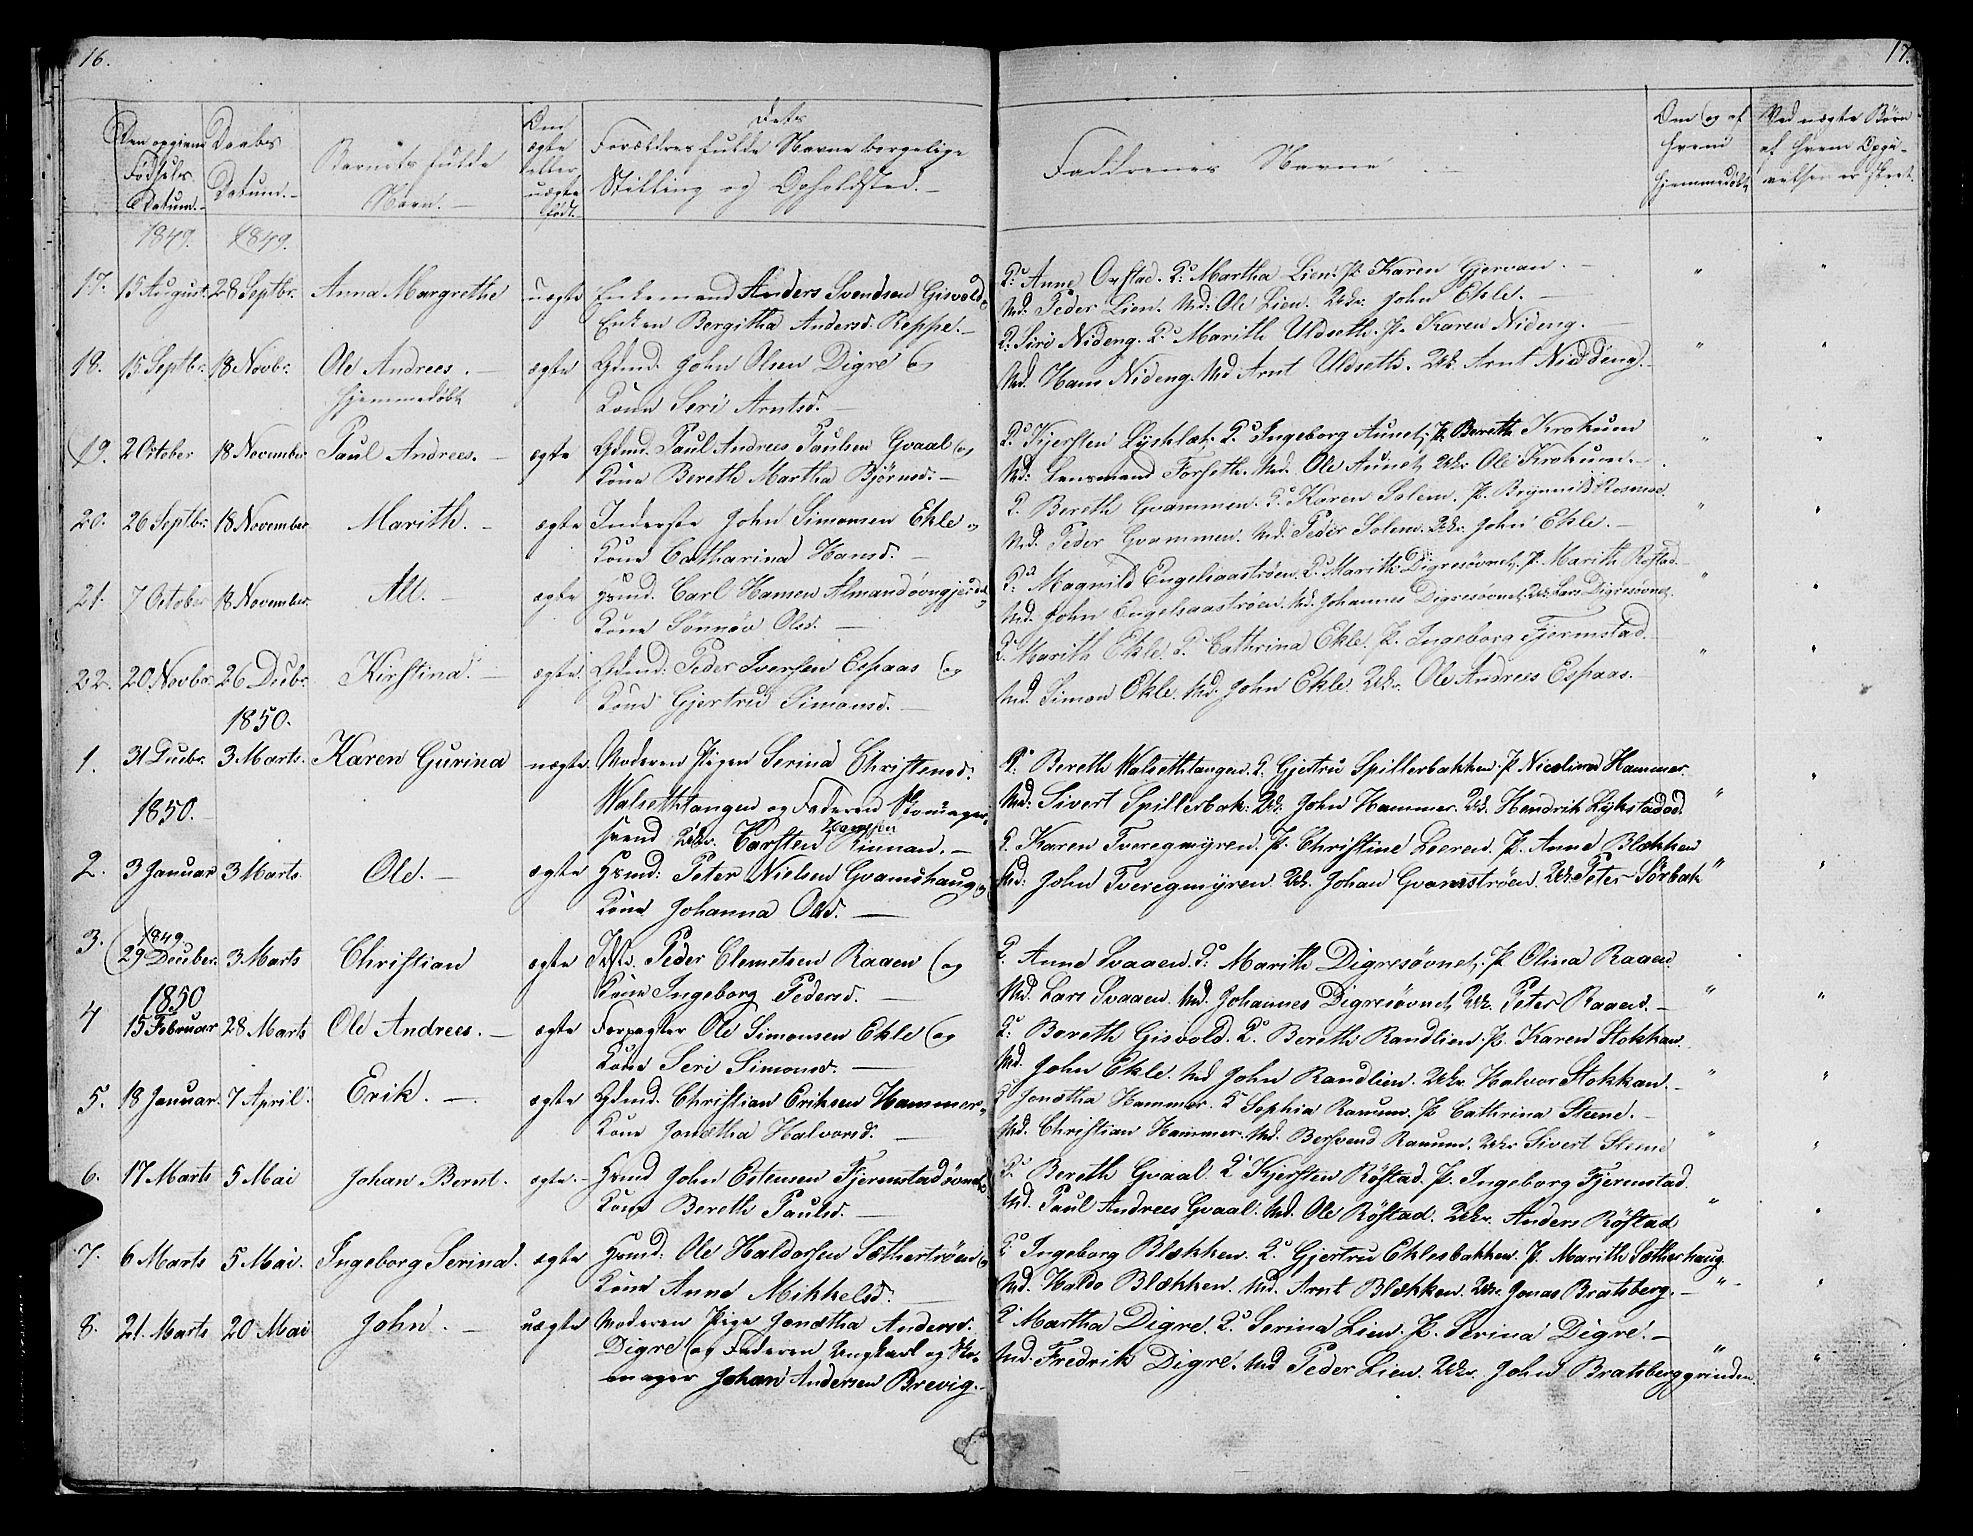 SAT, Ministerialprotokoller, klokkerbøker og fødselsregistre - Sør-Trøndelag, 608/L0339: Klokkerbok nr. 608C05, 1844-1863, s. 16-17